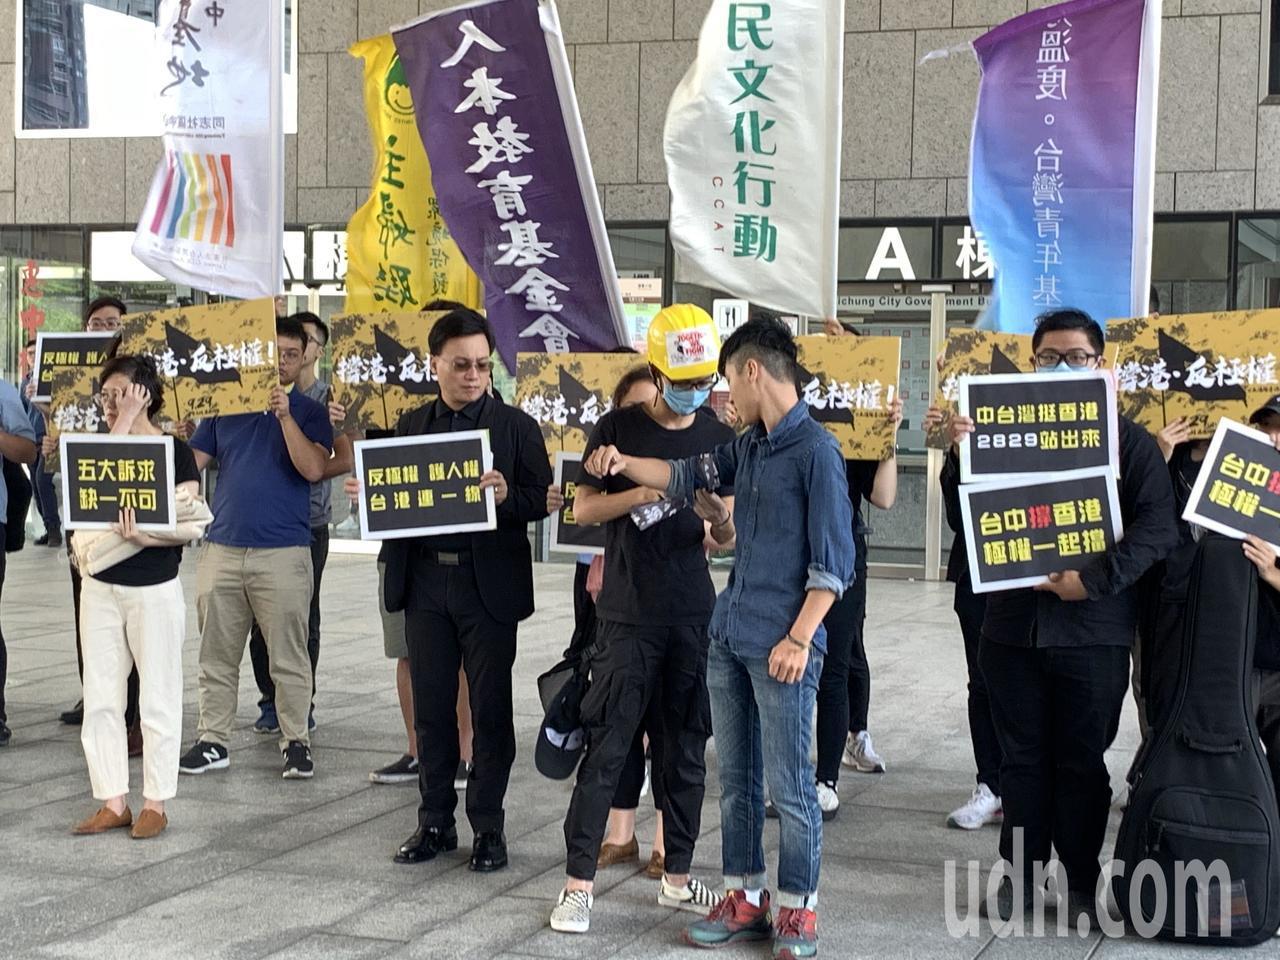 中台灣公民團體今天站出來在市府廣場「撐香港挺反極權」,號召929一起北上,農村武...